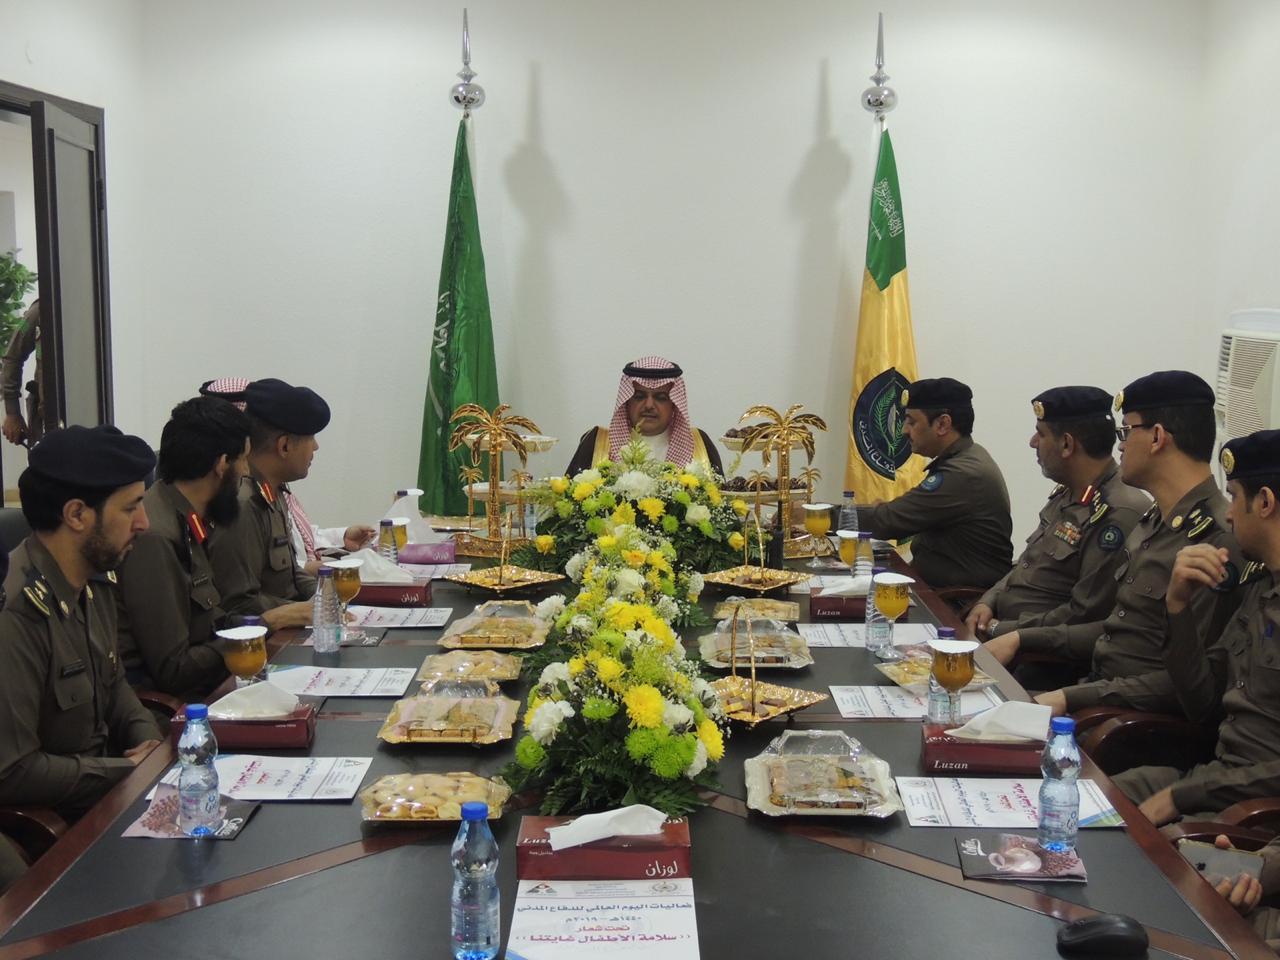 أمير محافظة حفر الباطن يزور الإدارة العامة للدفاع المدني بالمحافظة